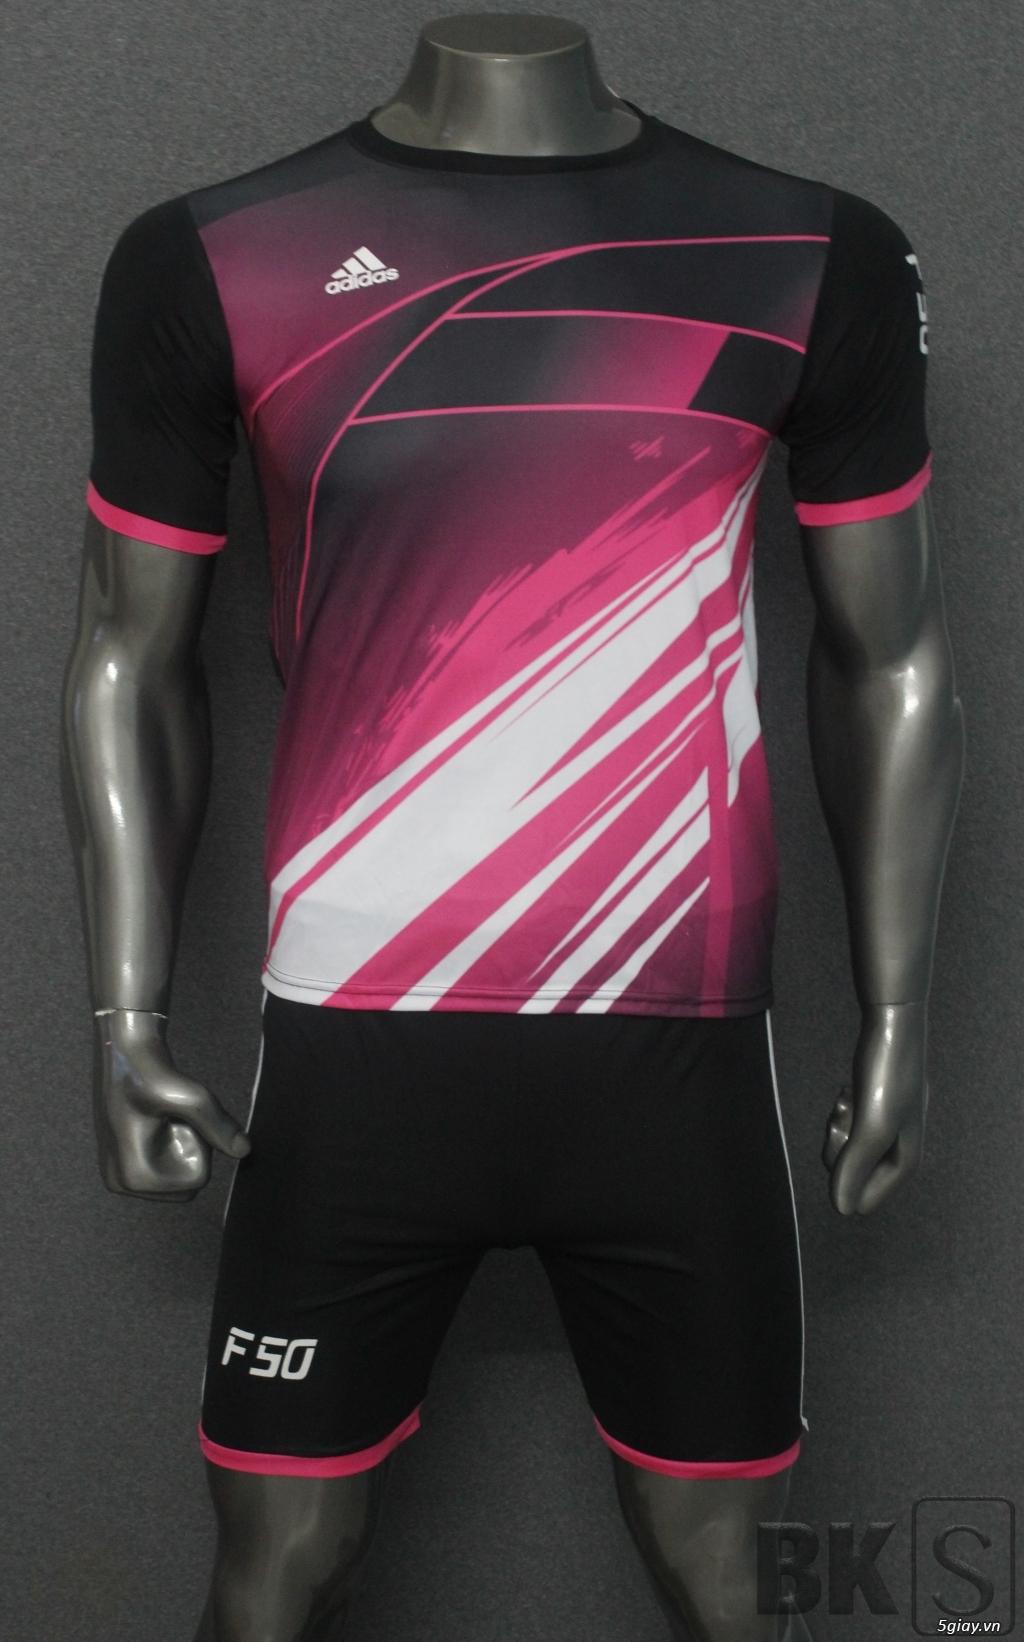 Áo bóng đá HP-địa chỉ gốc sản xuất trang phục thể thao số 1 Việt Nam - 19